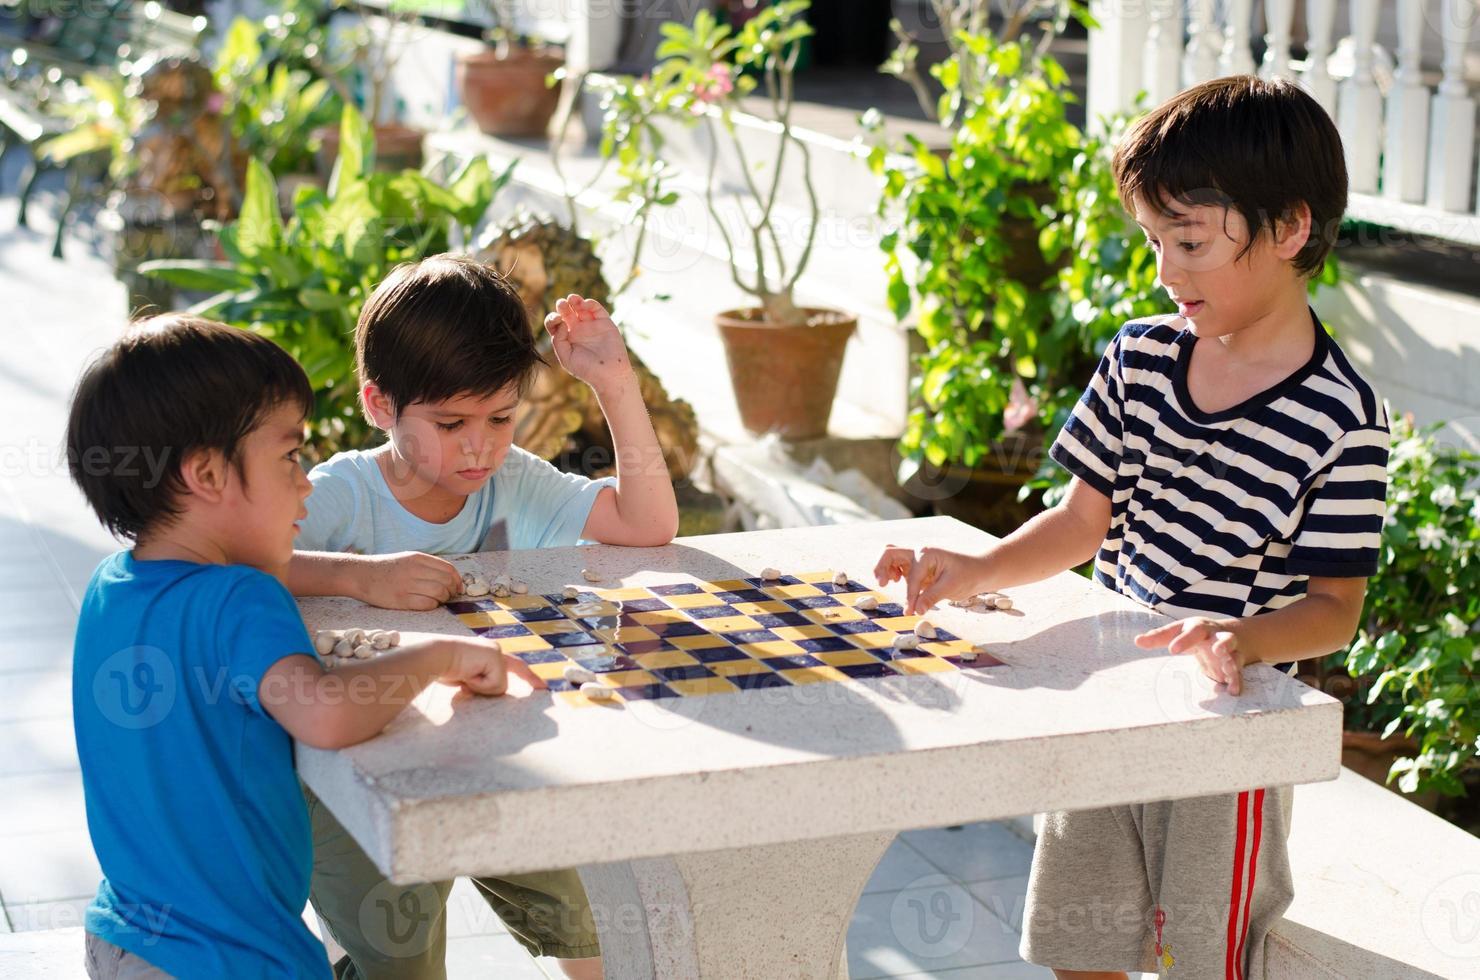 garoto jogando xadrez de pedra juntos foto